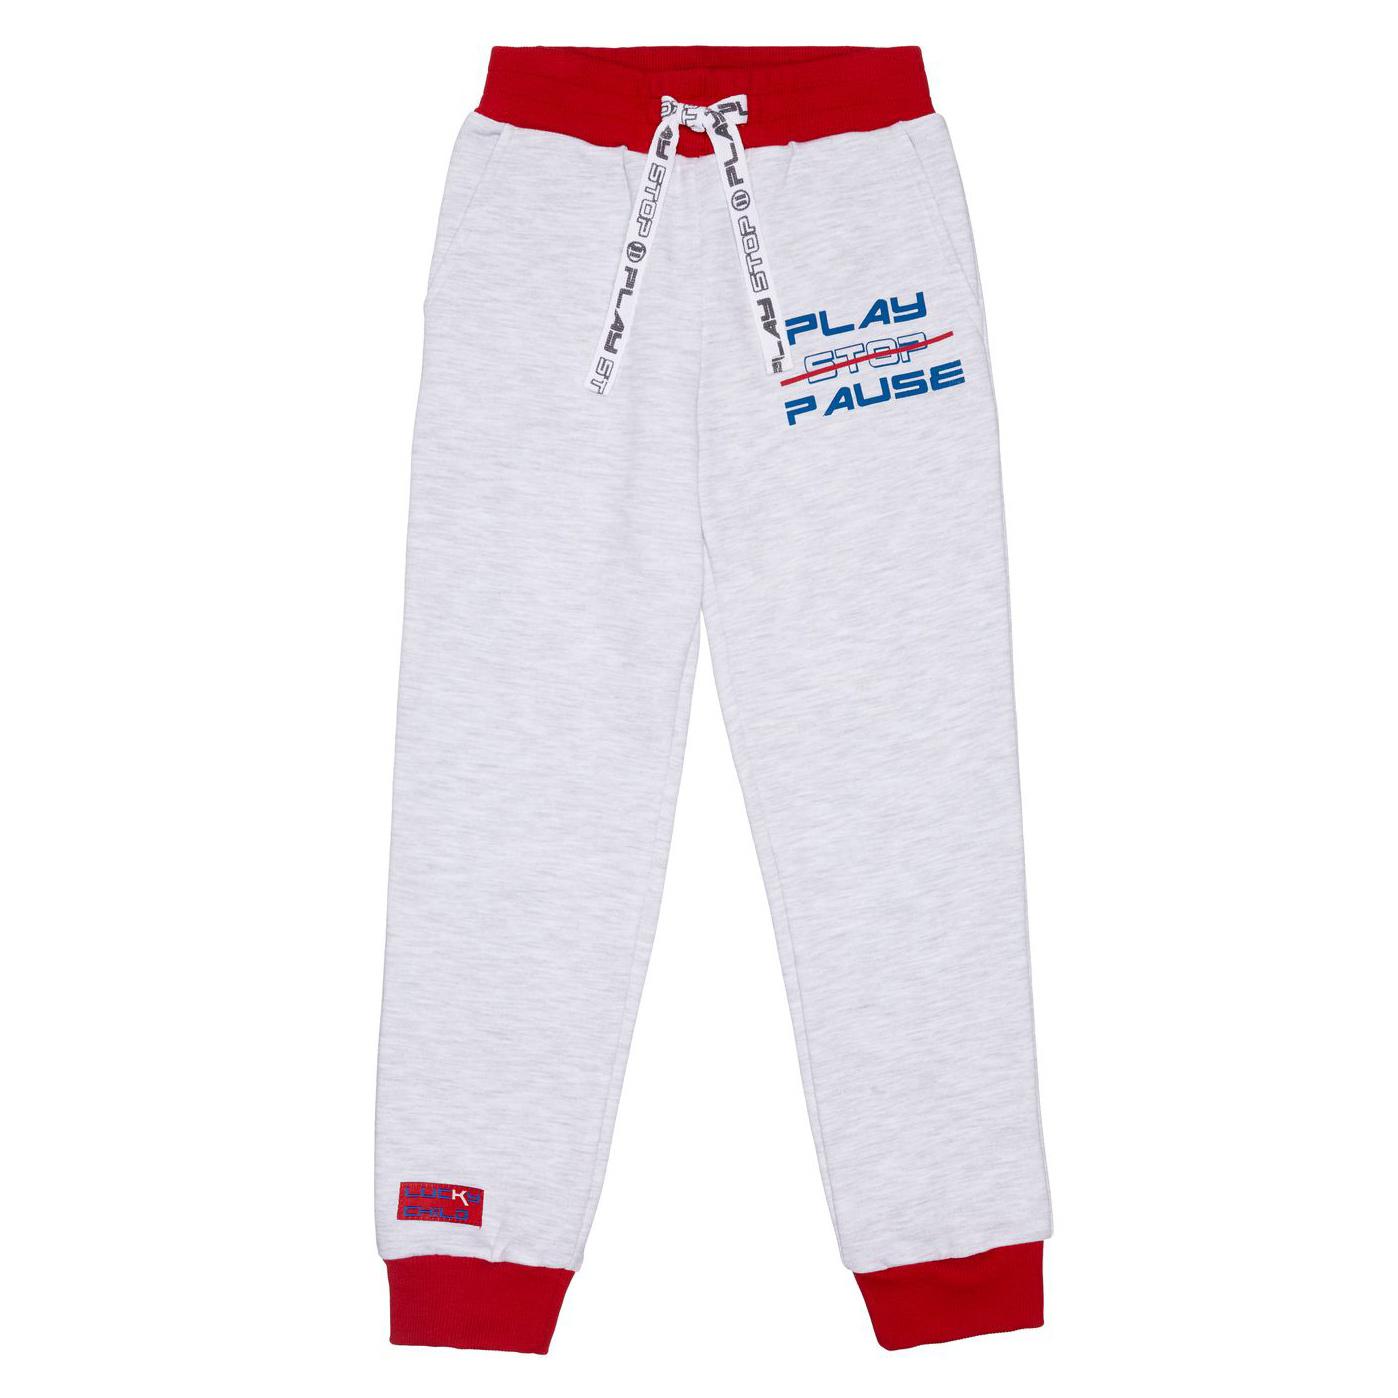 Купить Спортивные брюки Lucky Child Больше пространства серые 86-92, Серый, Футер, Для мальчиков, Осень-Зима,